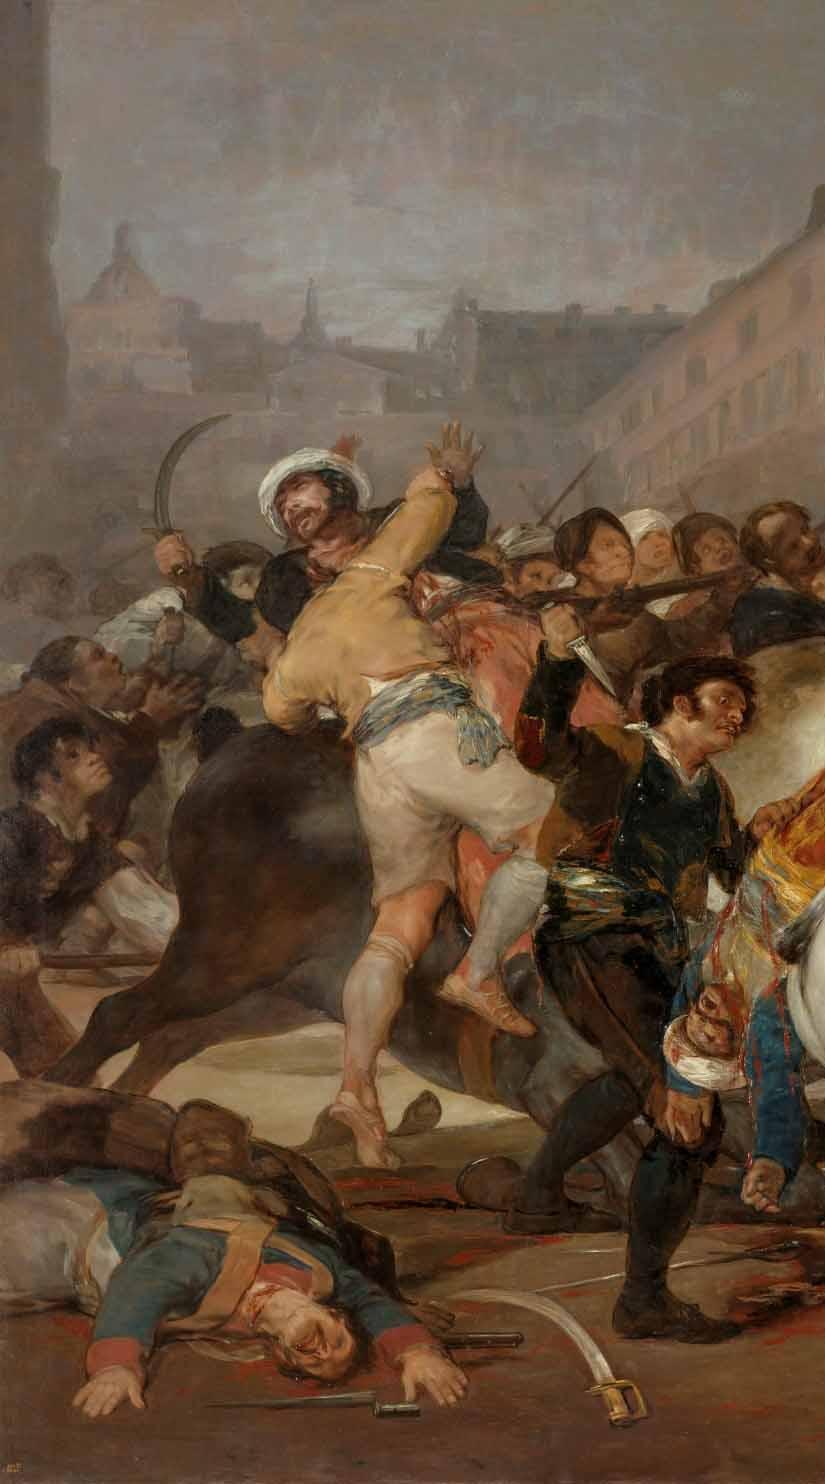 Goya: la angustiosa mirada de un trágico 2 de mayo Artes & contextos mamelucos izquierda